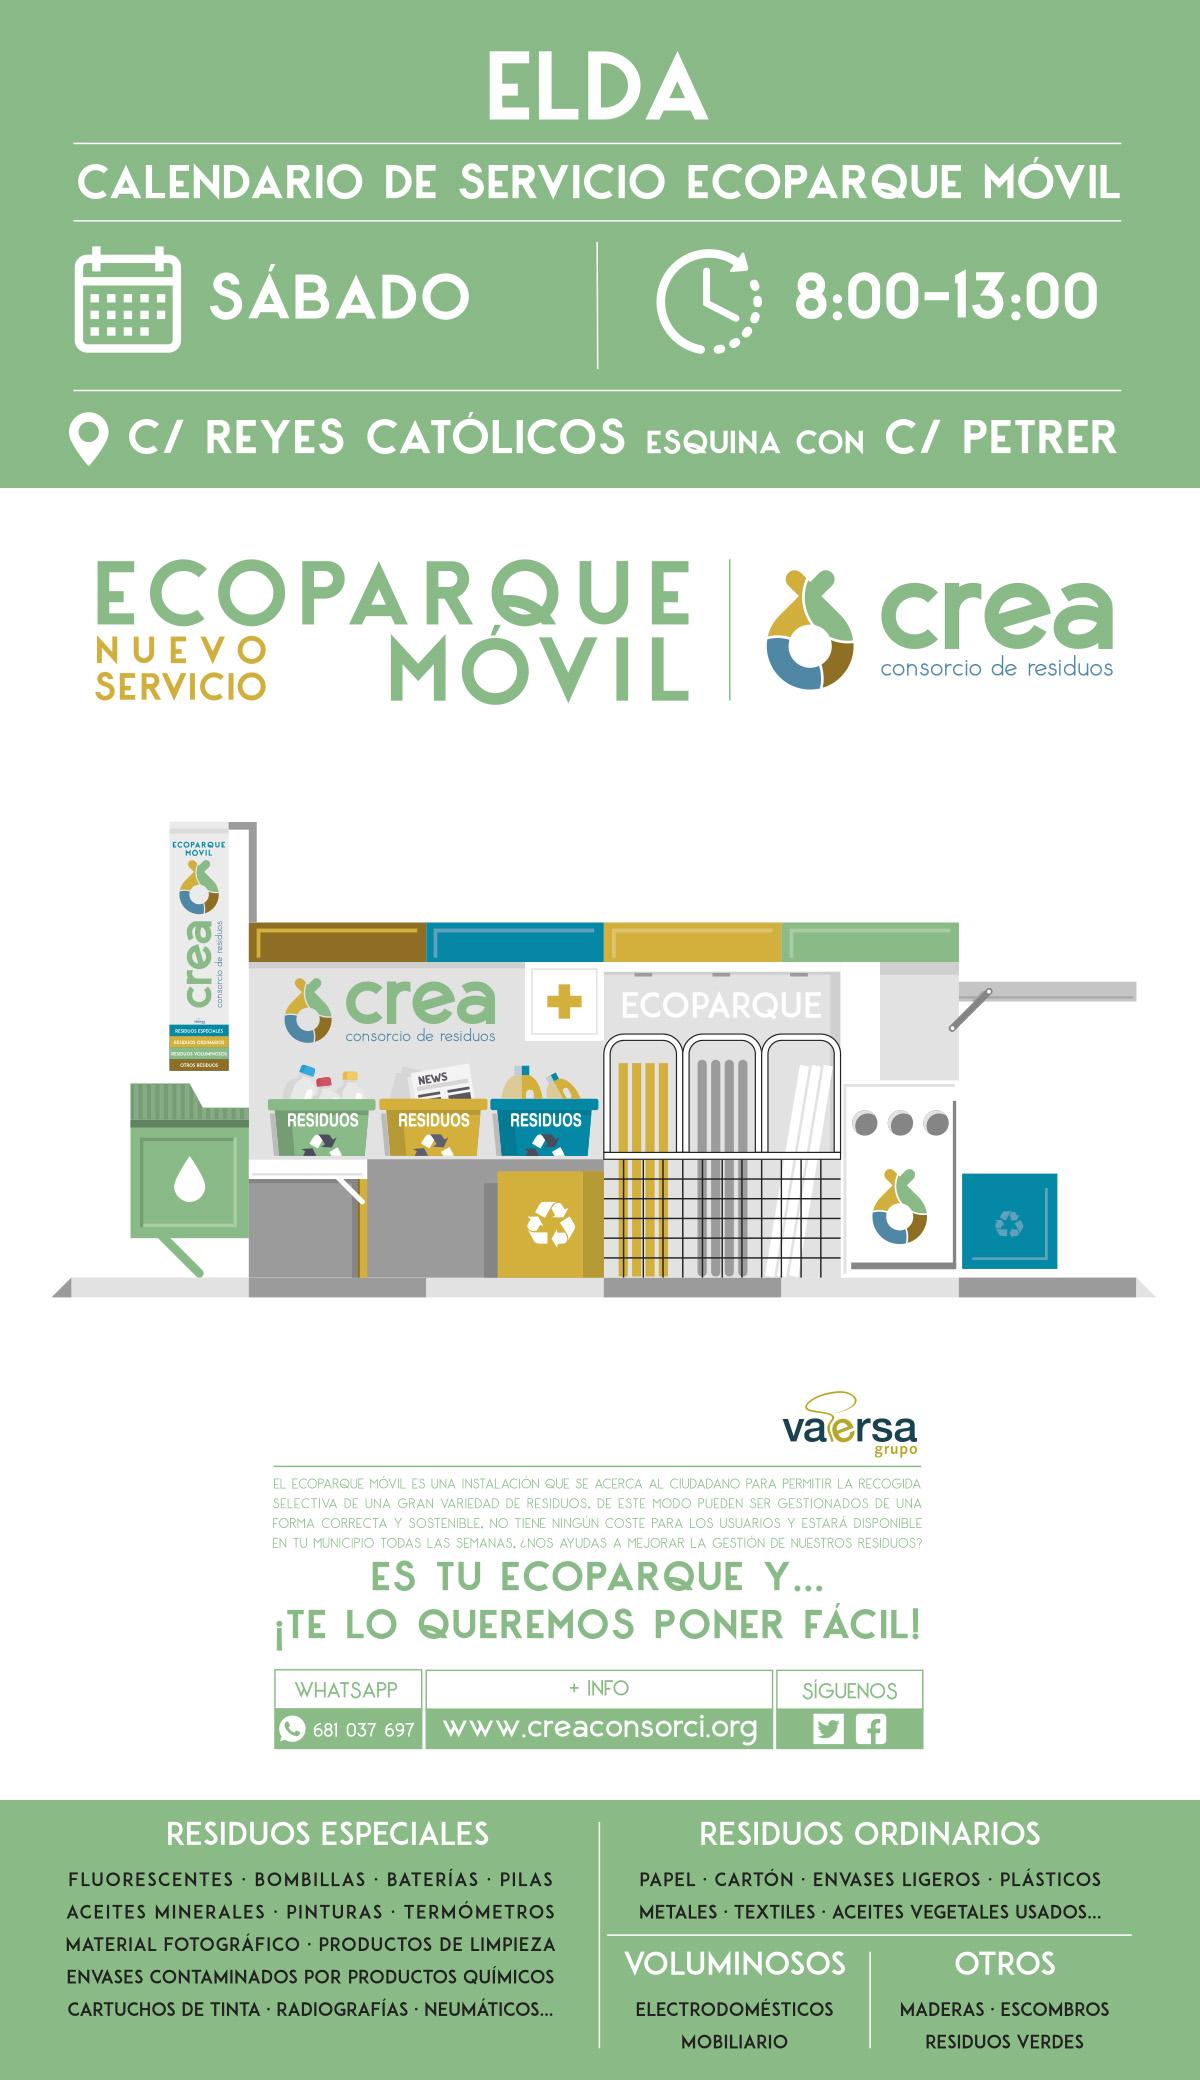 El nuevo servicio 'Ecoparque móvil' estará disponible todos los sábados a partir del día 22 de junio